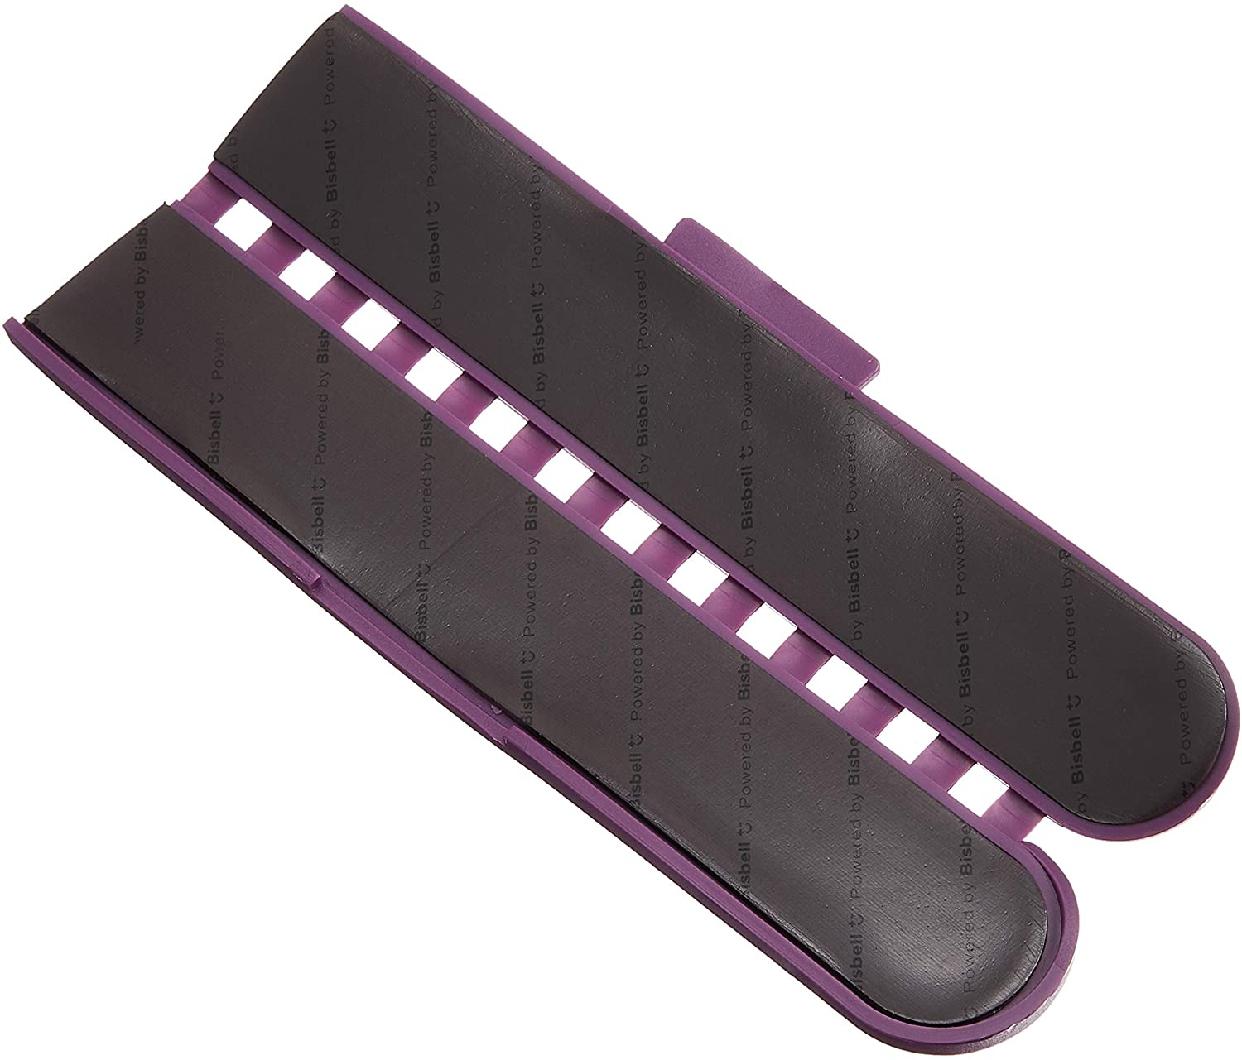 BISBELL(ビスベル) マグネット包丁カバー スタンダードタイプ パープル 小の商品画像2